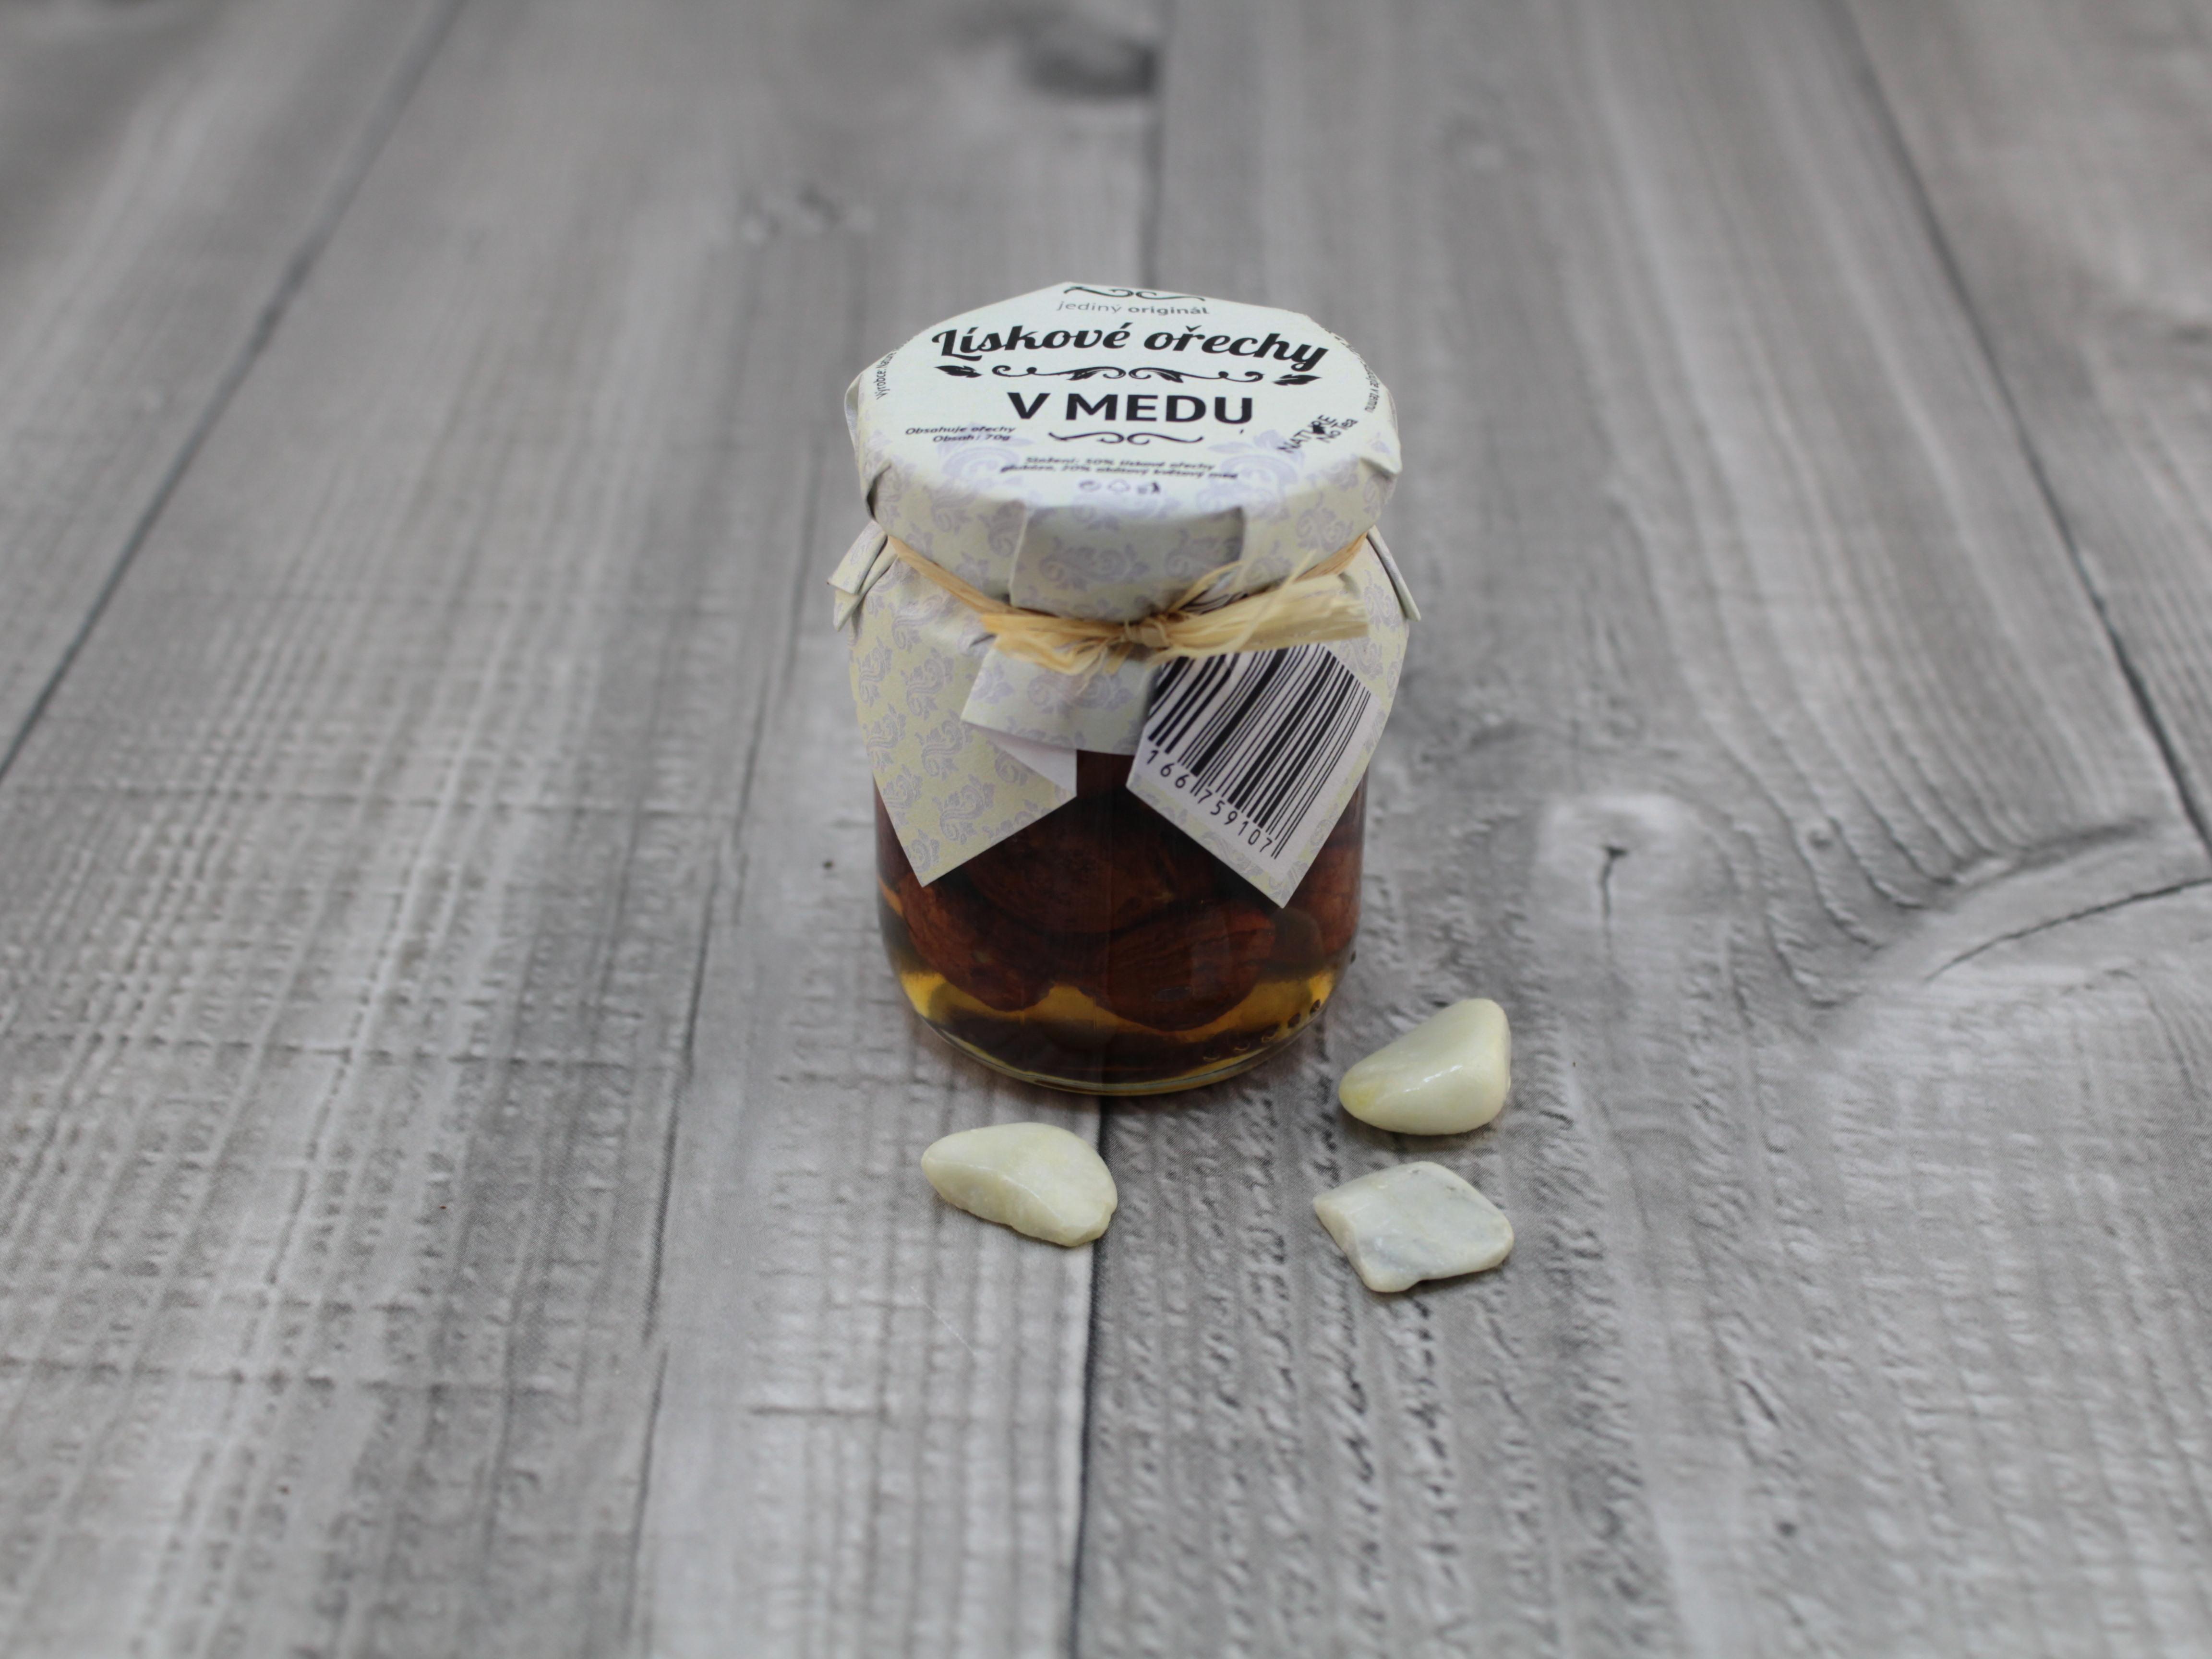 Med lískové ořechy 70g